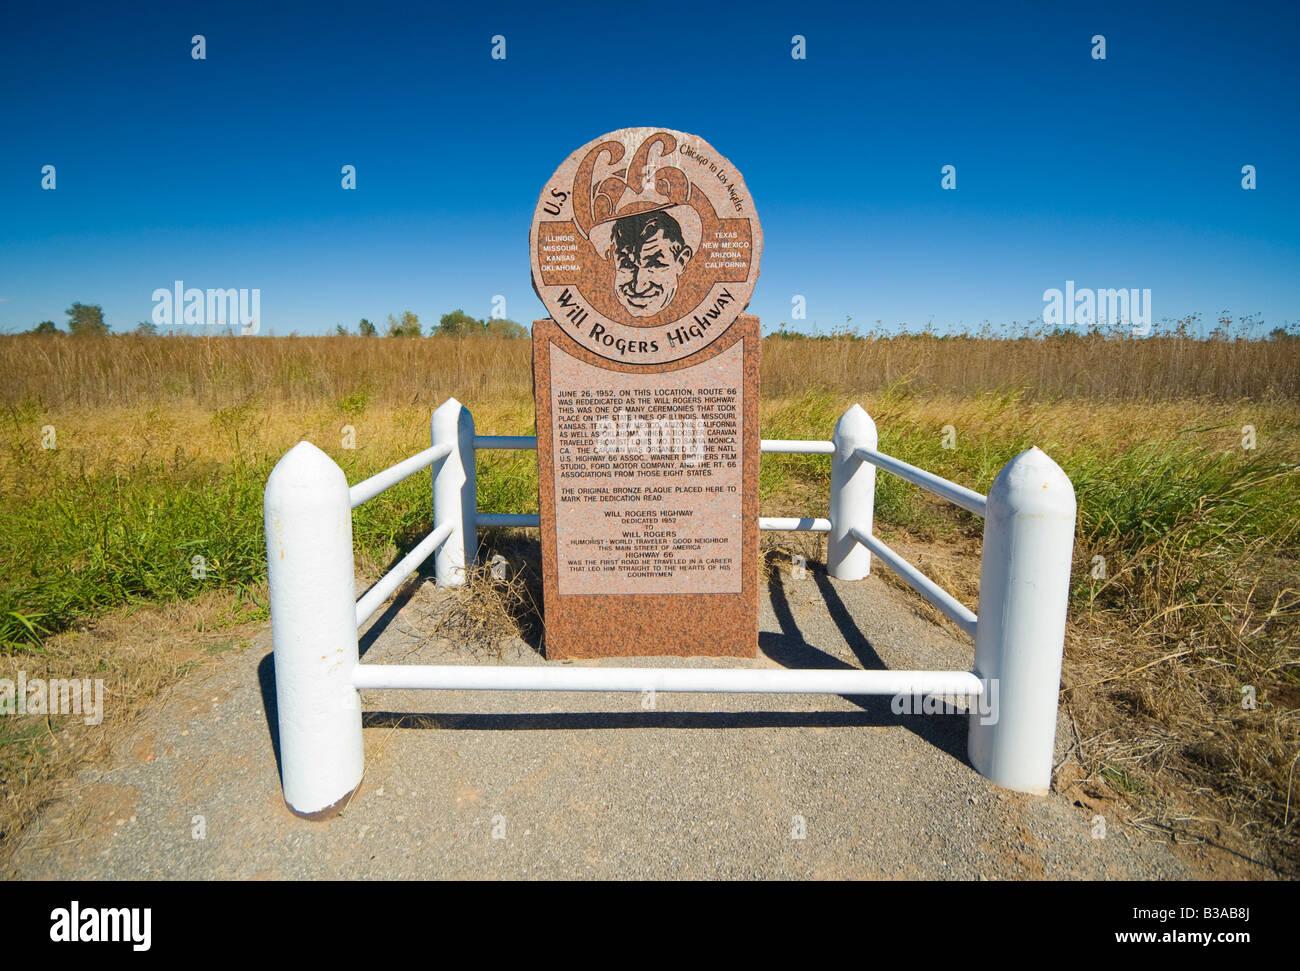 USA Oklahoma Route Texola Will Rogers Highway Marker Stock - Oklahoma location in usa